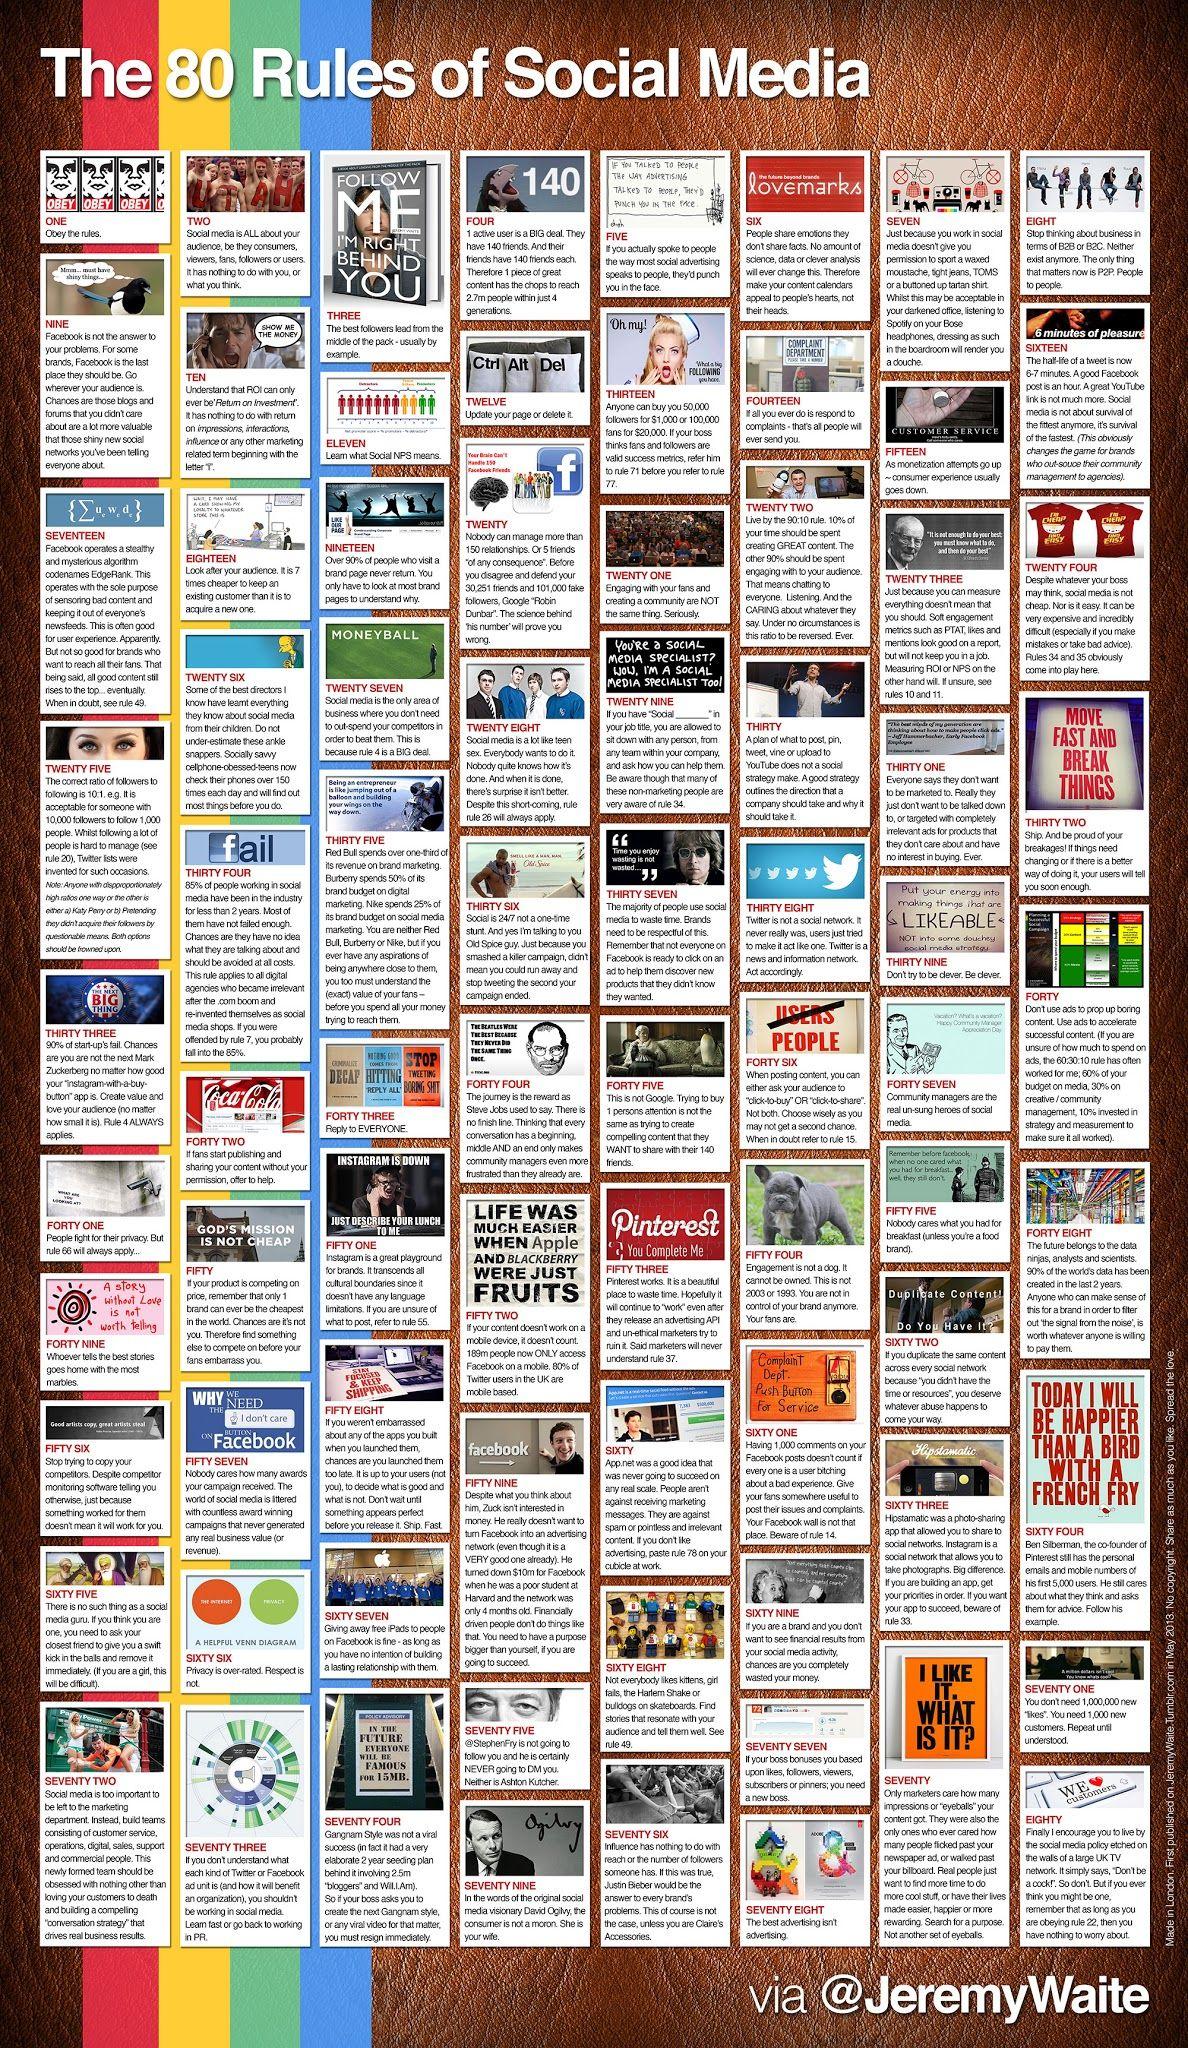 http://media-cache-ec0.pinimg.com/originals/2c/d4/74/2cd4742a47d41375969de37e805e7ff7.jpg